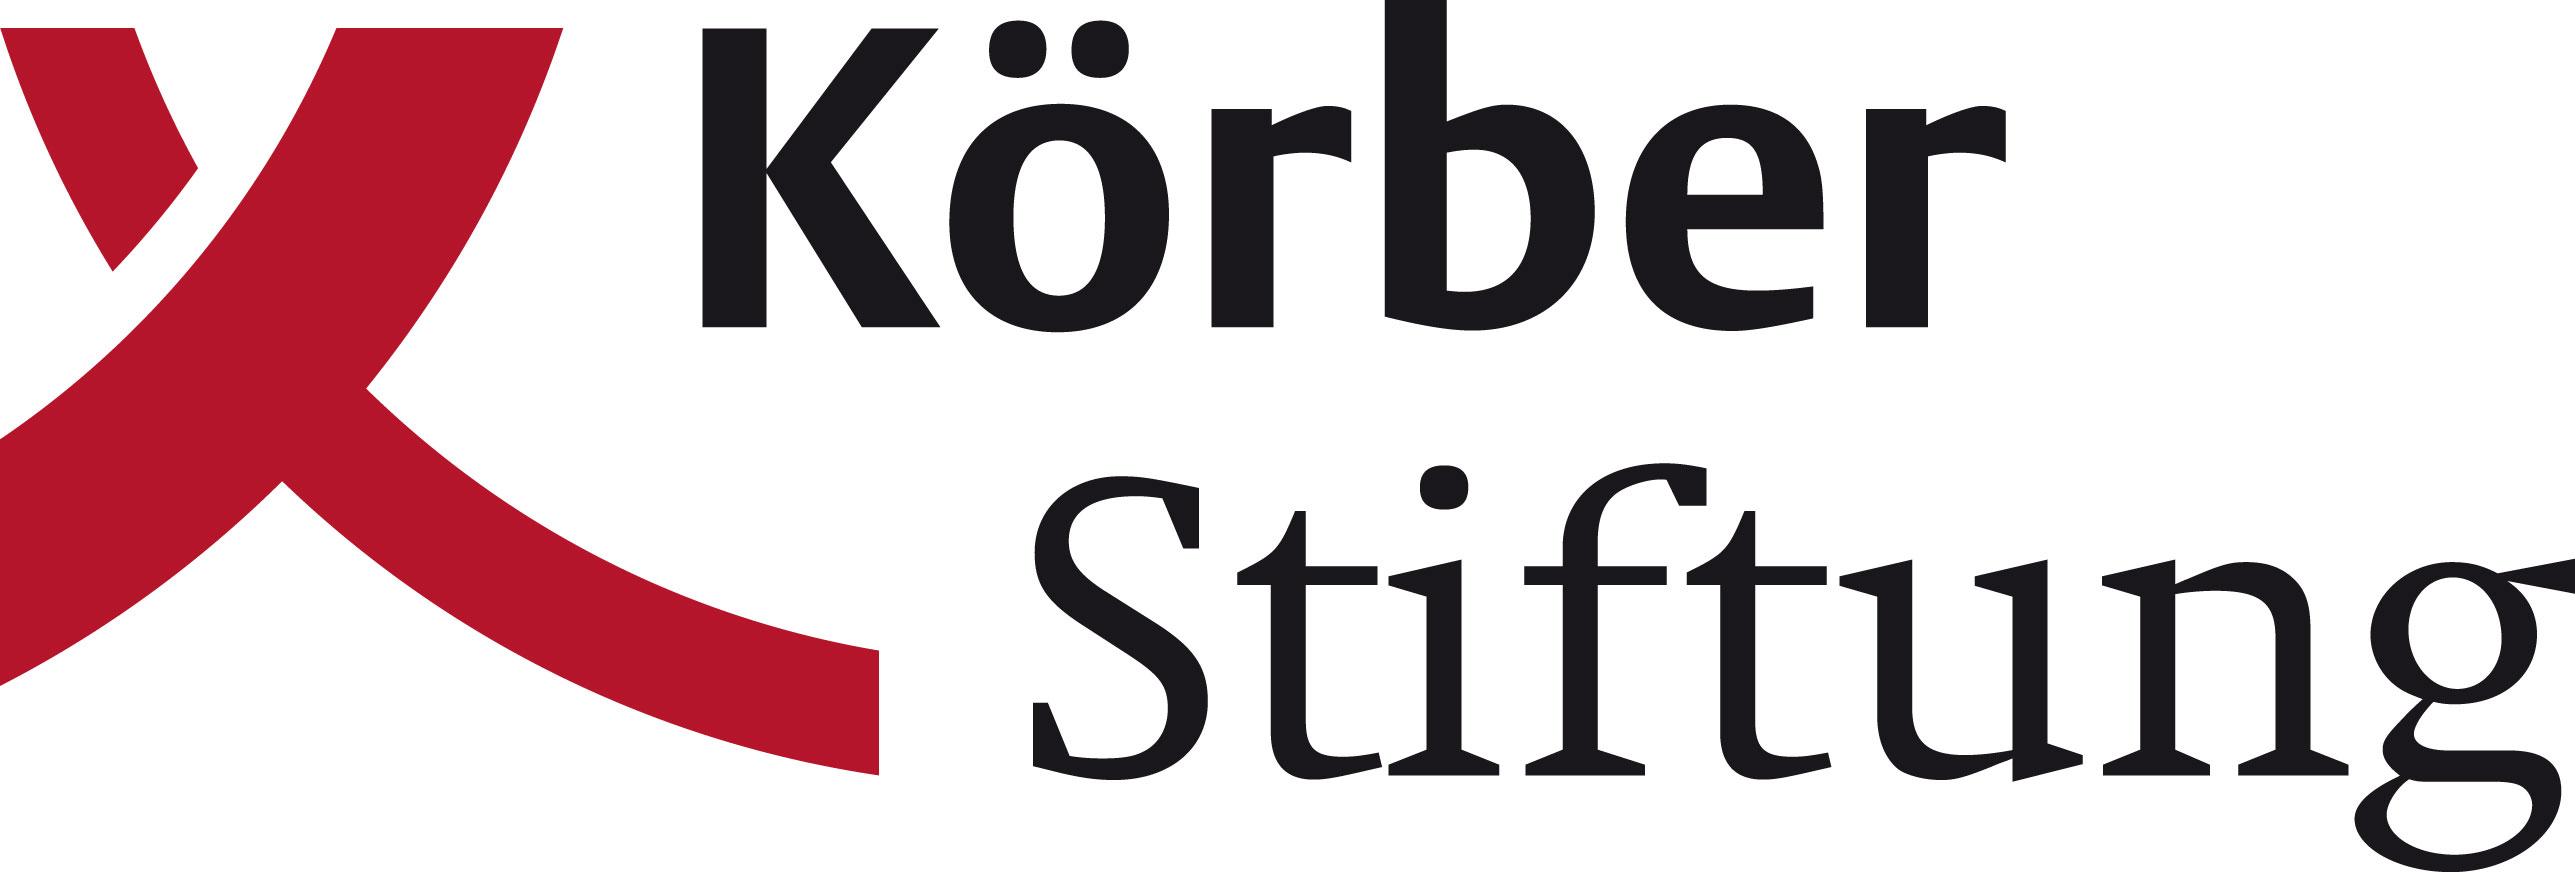 Logo_Koerber Stiftung_rgb